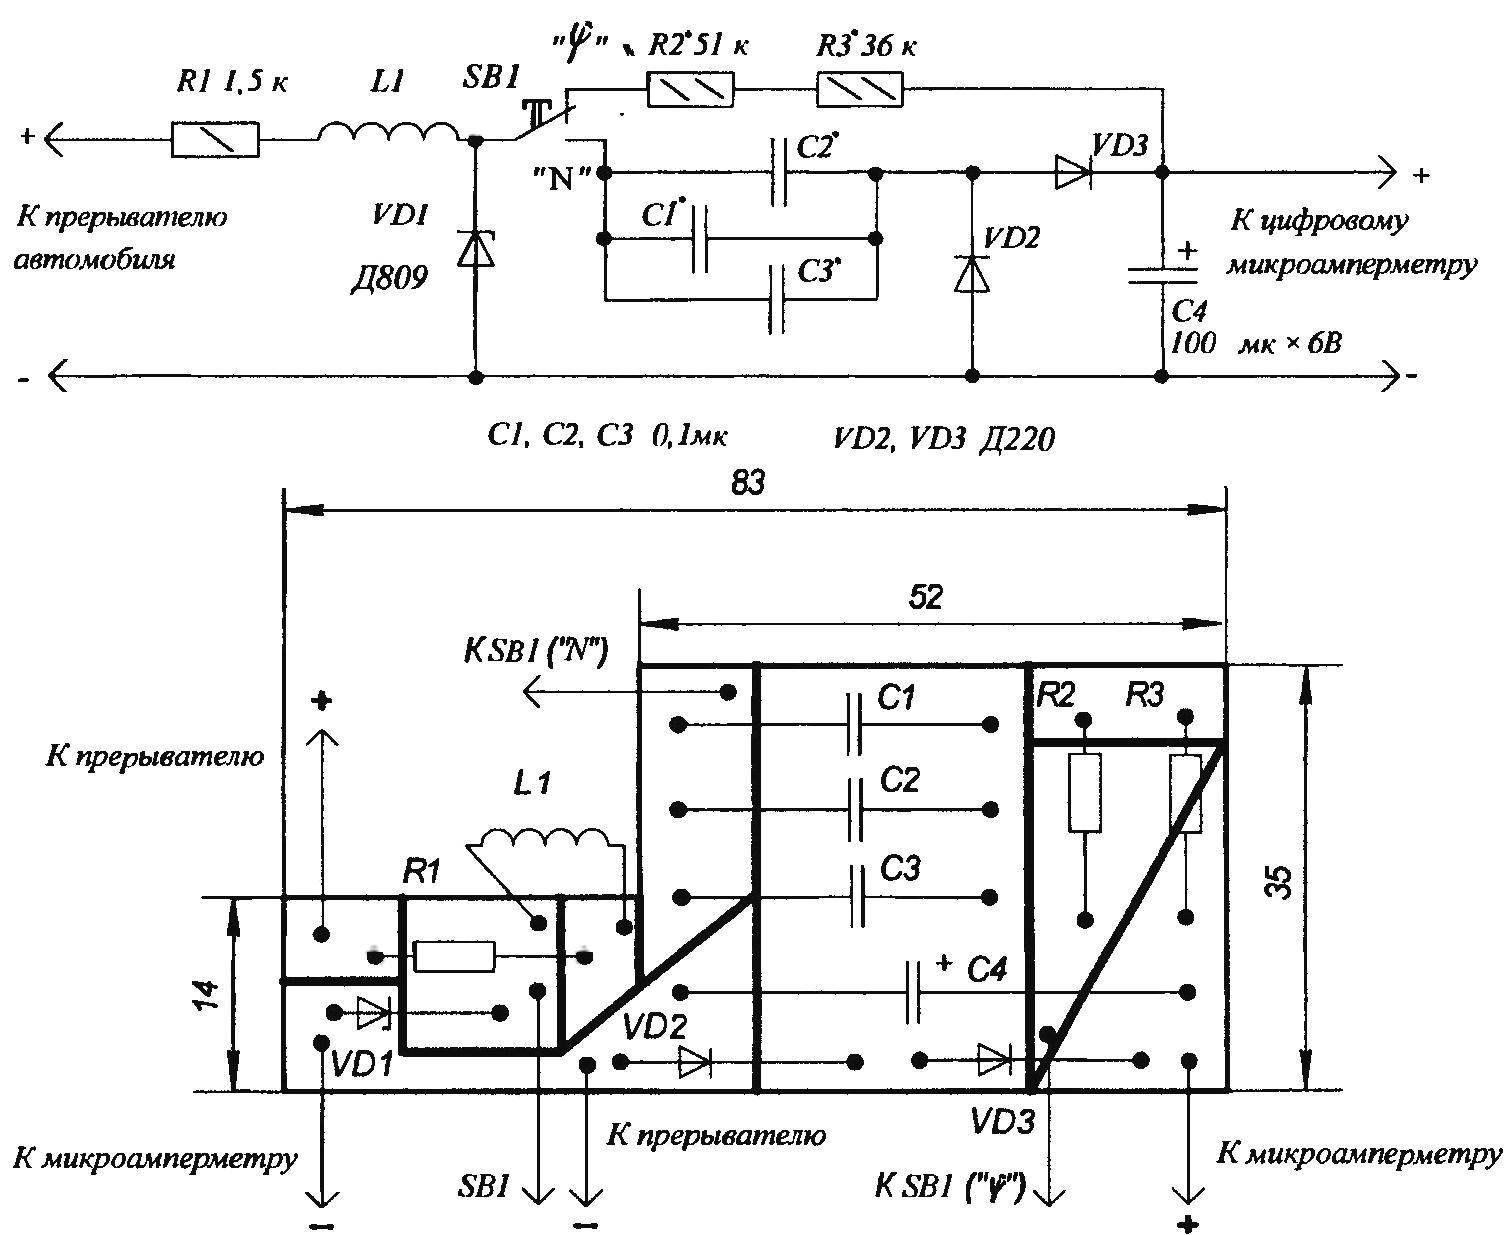 Принципиальная электрическая схема, топология печатной платы и сама приставка к микроамперметру цифрового мультиметра, превращающая последний в поистине незаменимый прибор для автомотолюбителя